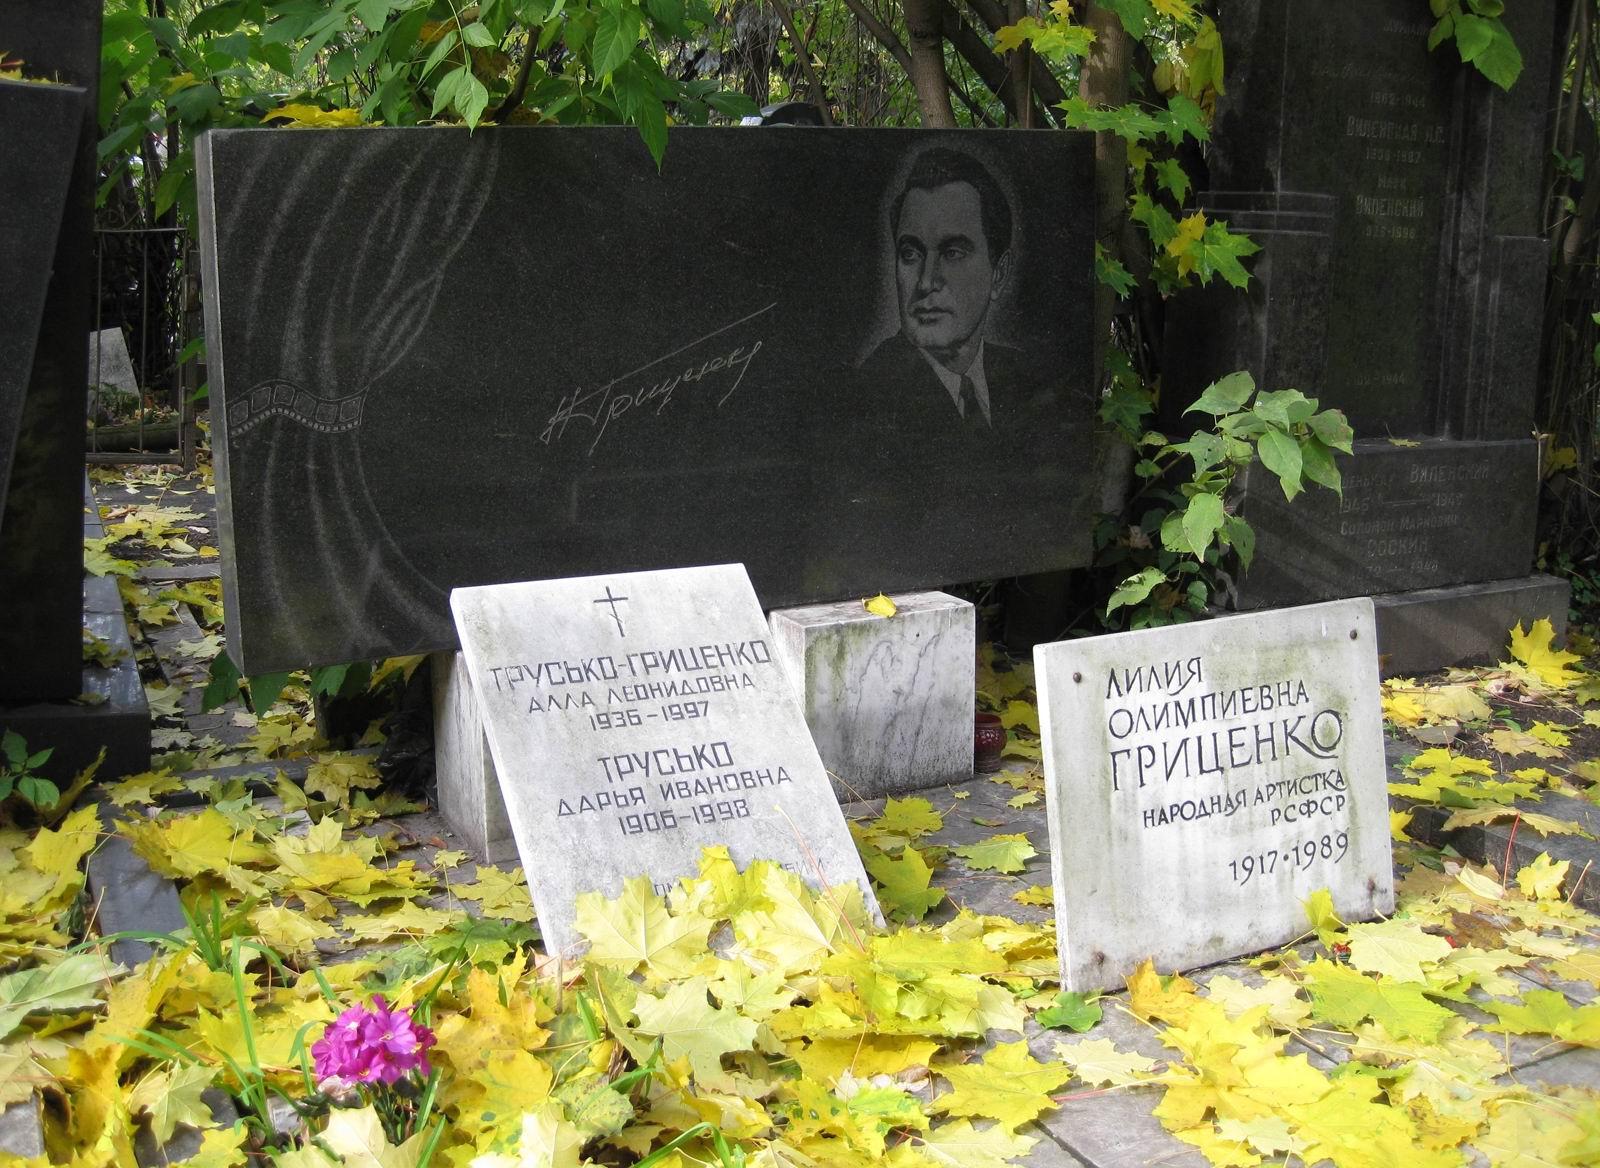 Николай Олимпиевич Гриценко